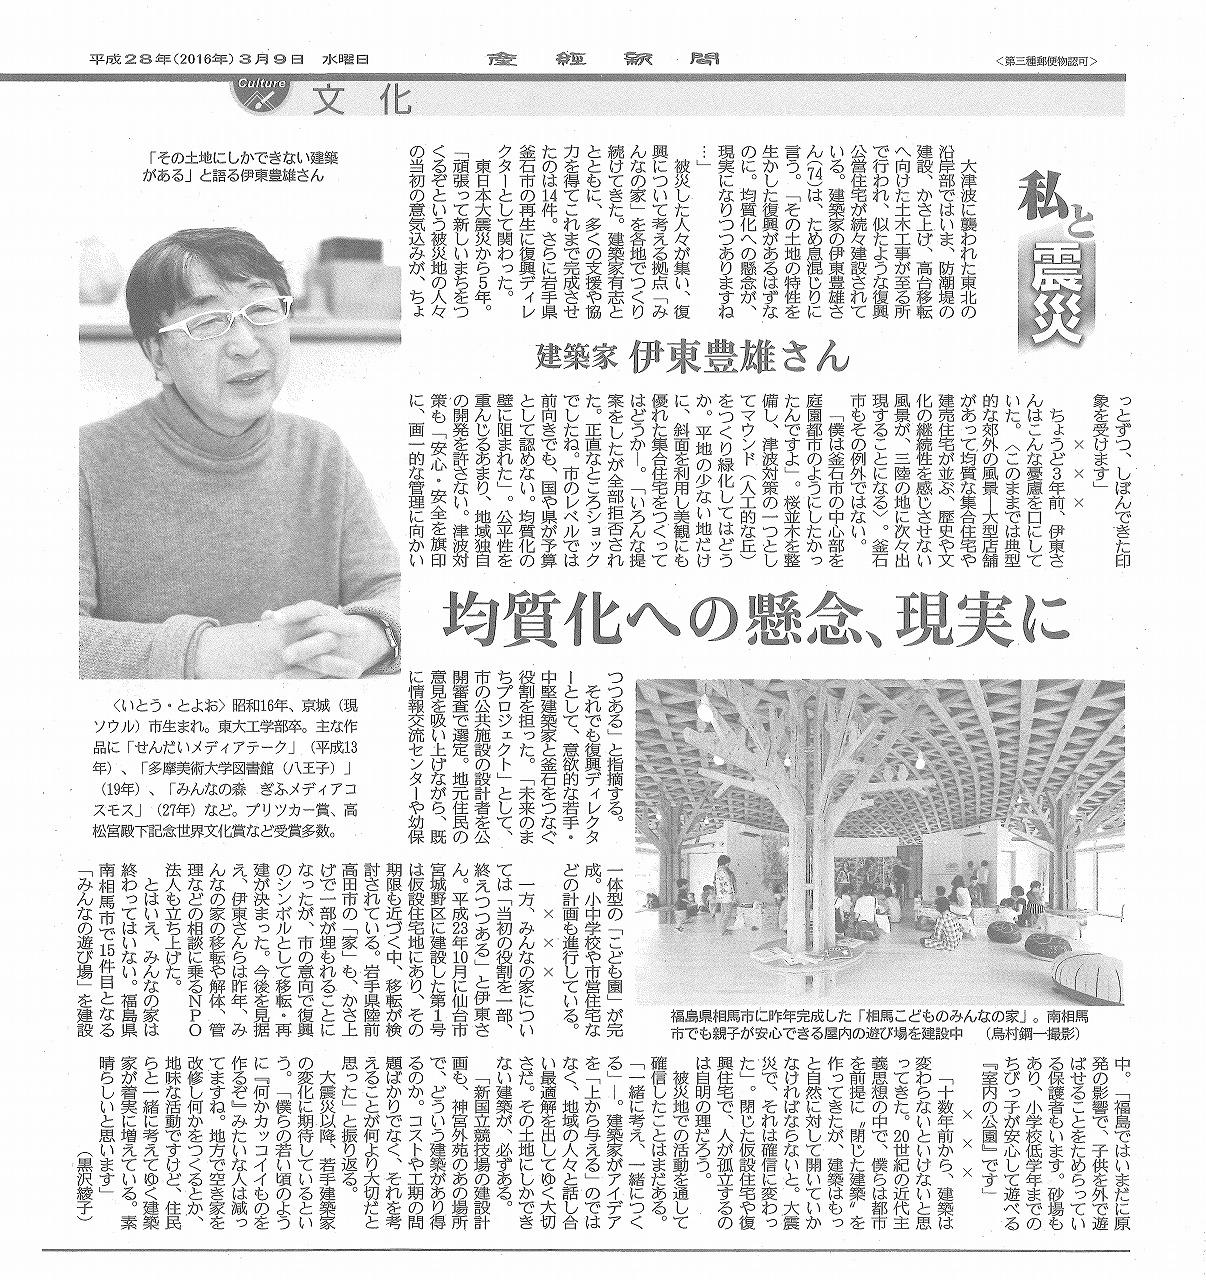 160309 産経新聞 建築家 伊東豊雄s